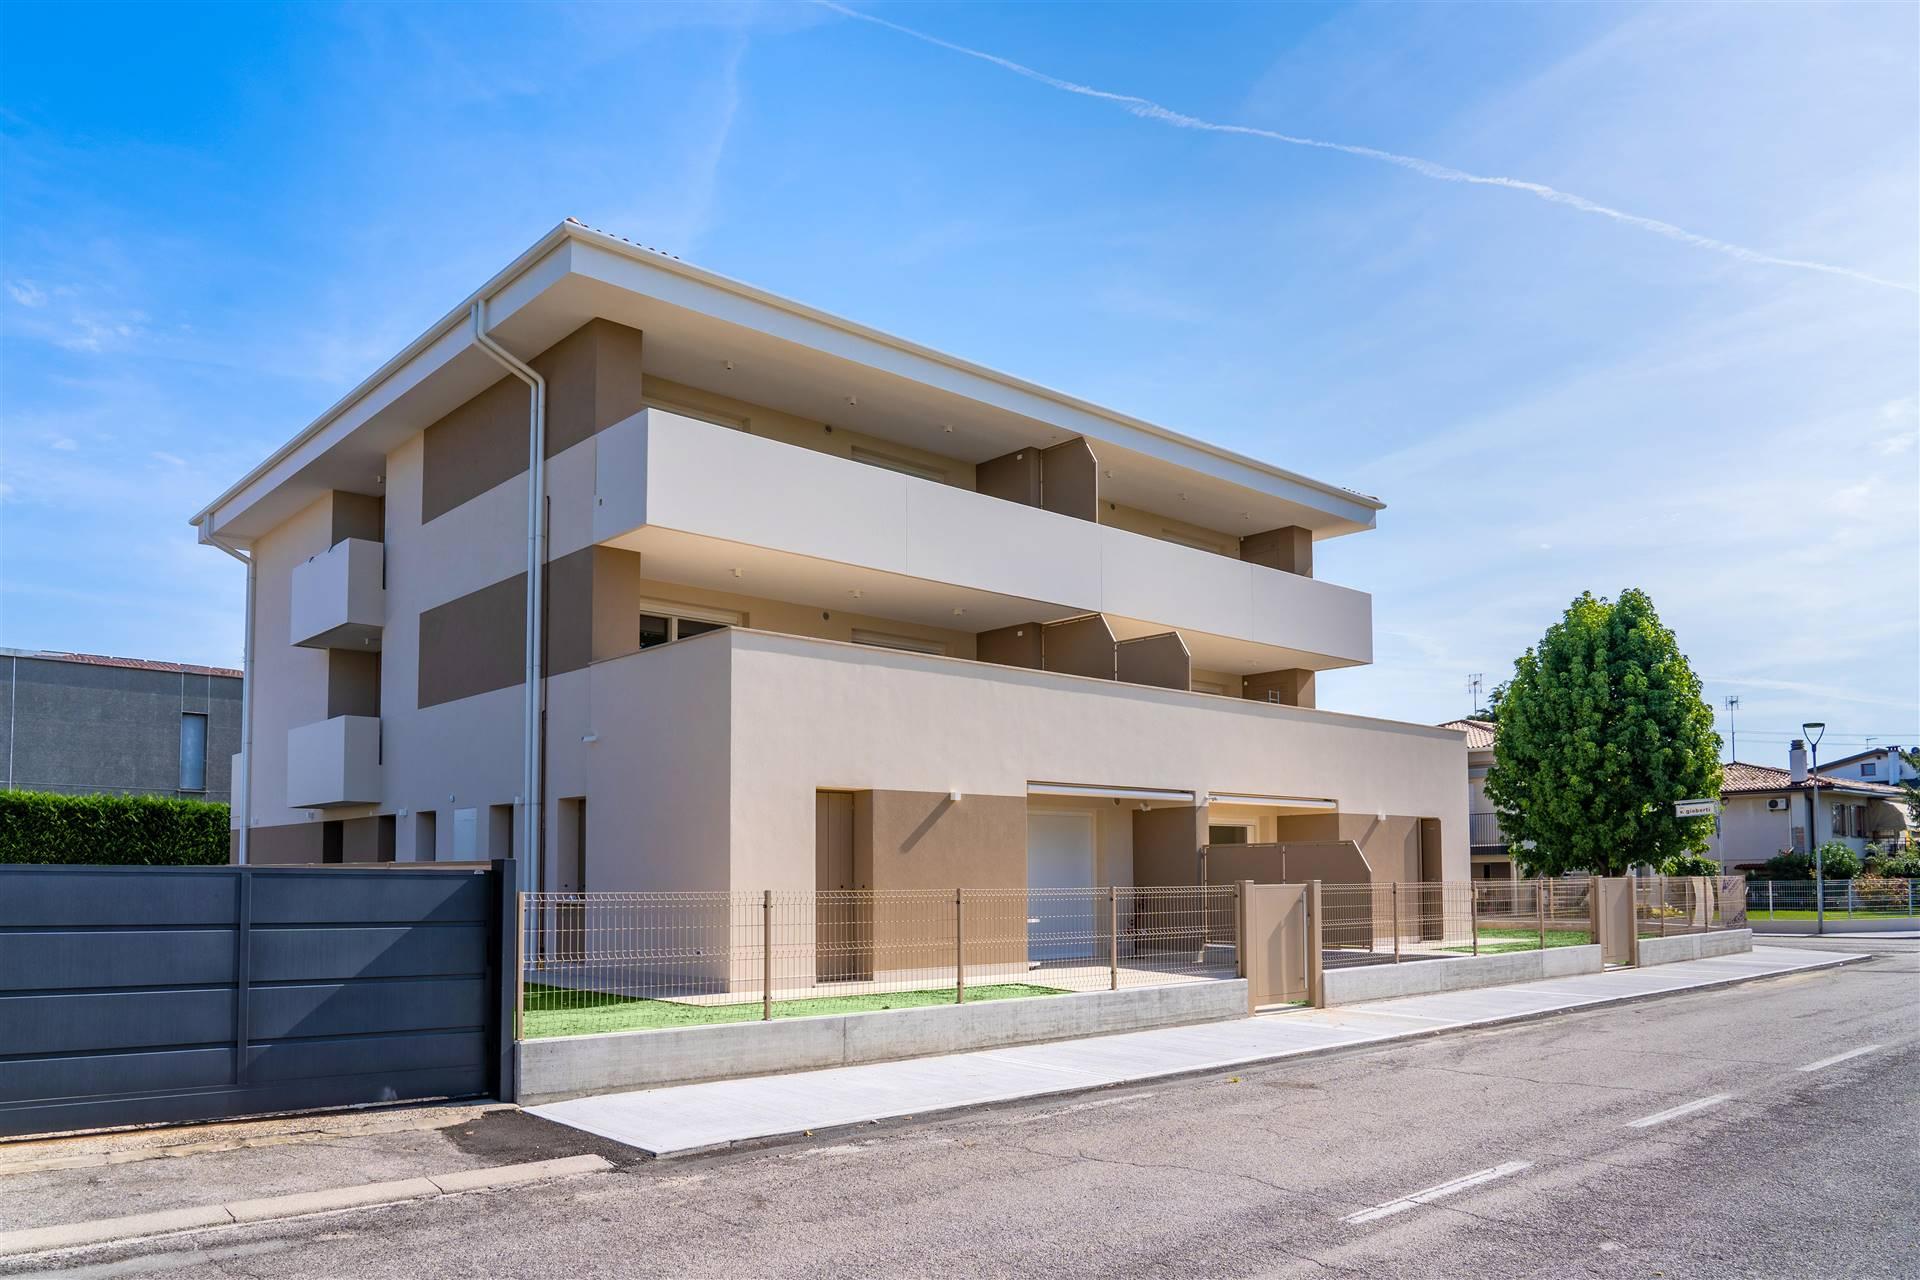 In pieno centro a OLMO di MARTELLAGO, proponiamo ULTIMO e NUOVO appartamento al piano terra con scoperto esclusivo. L'immobile, esposto a sud-est, si